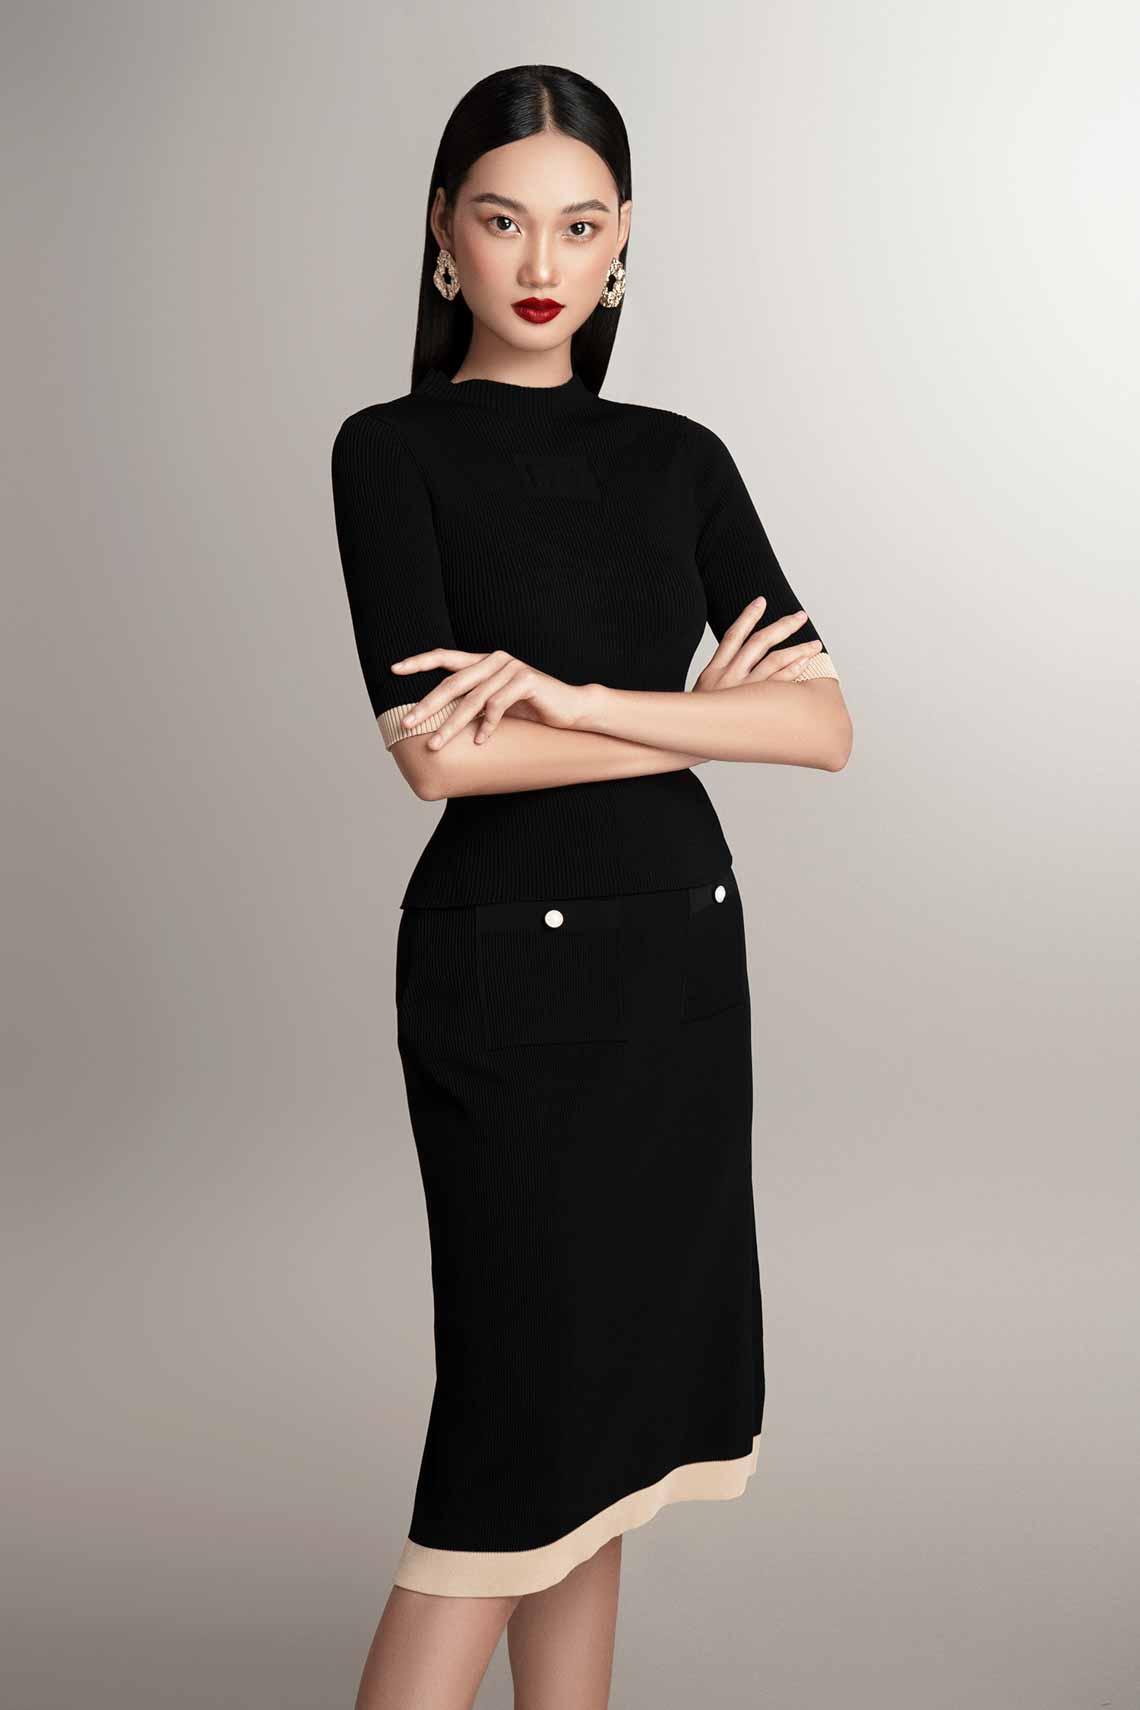 NTK Đỗ Mạnh Cường tư vấn 6 công thức mặc đẹp mùa cuối năm với trang phục dệt kim -11